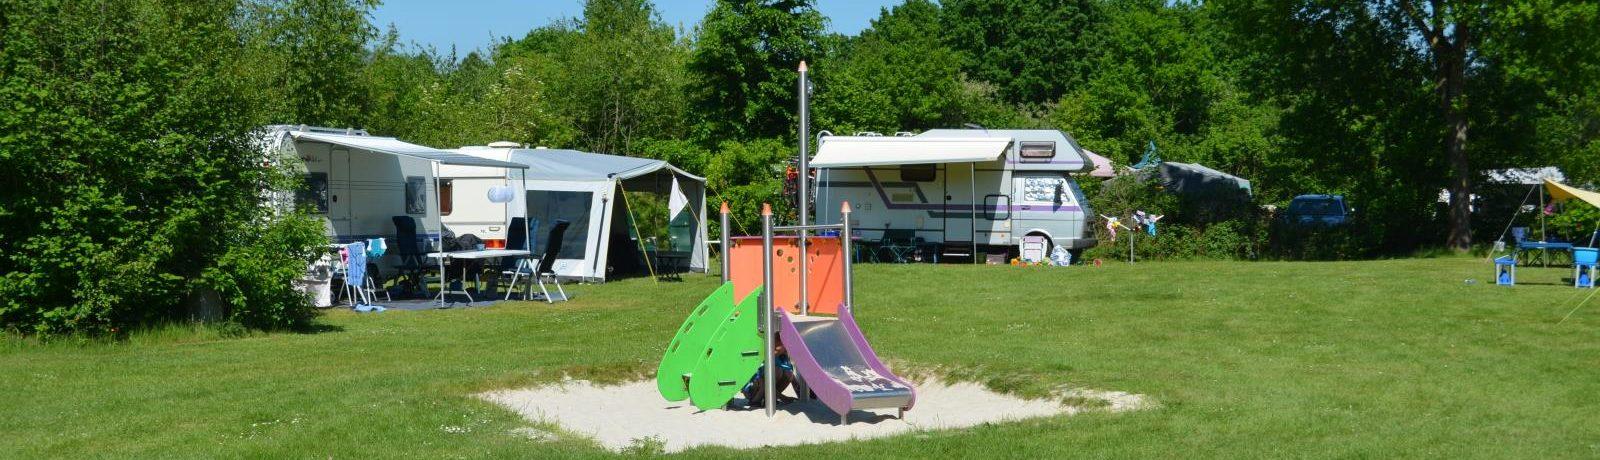 De Lente van Drenthe, actieve familiecamping in de bossen van het Drentse dorp Gasselte met DX Adventurepark, het grootste open waterpark van Nederland!